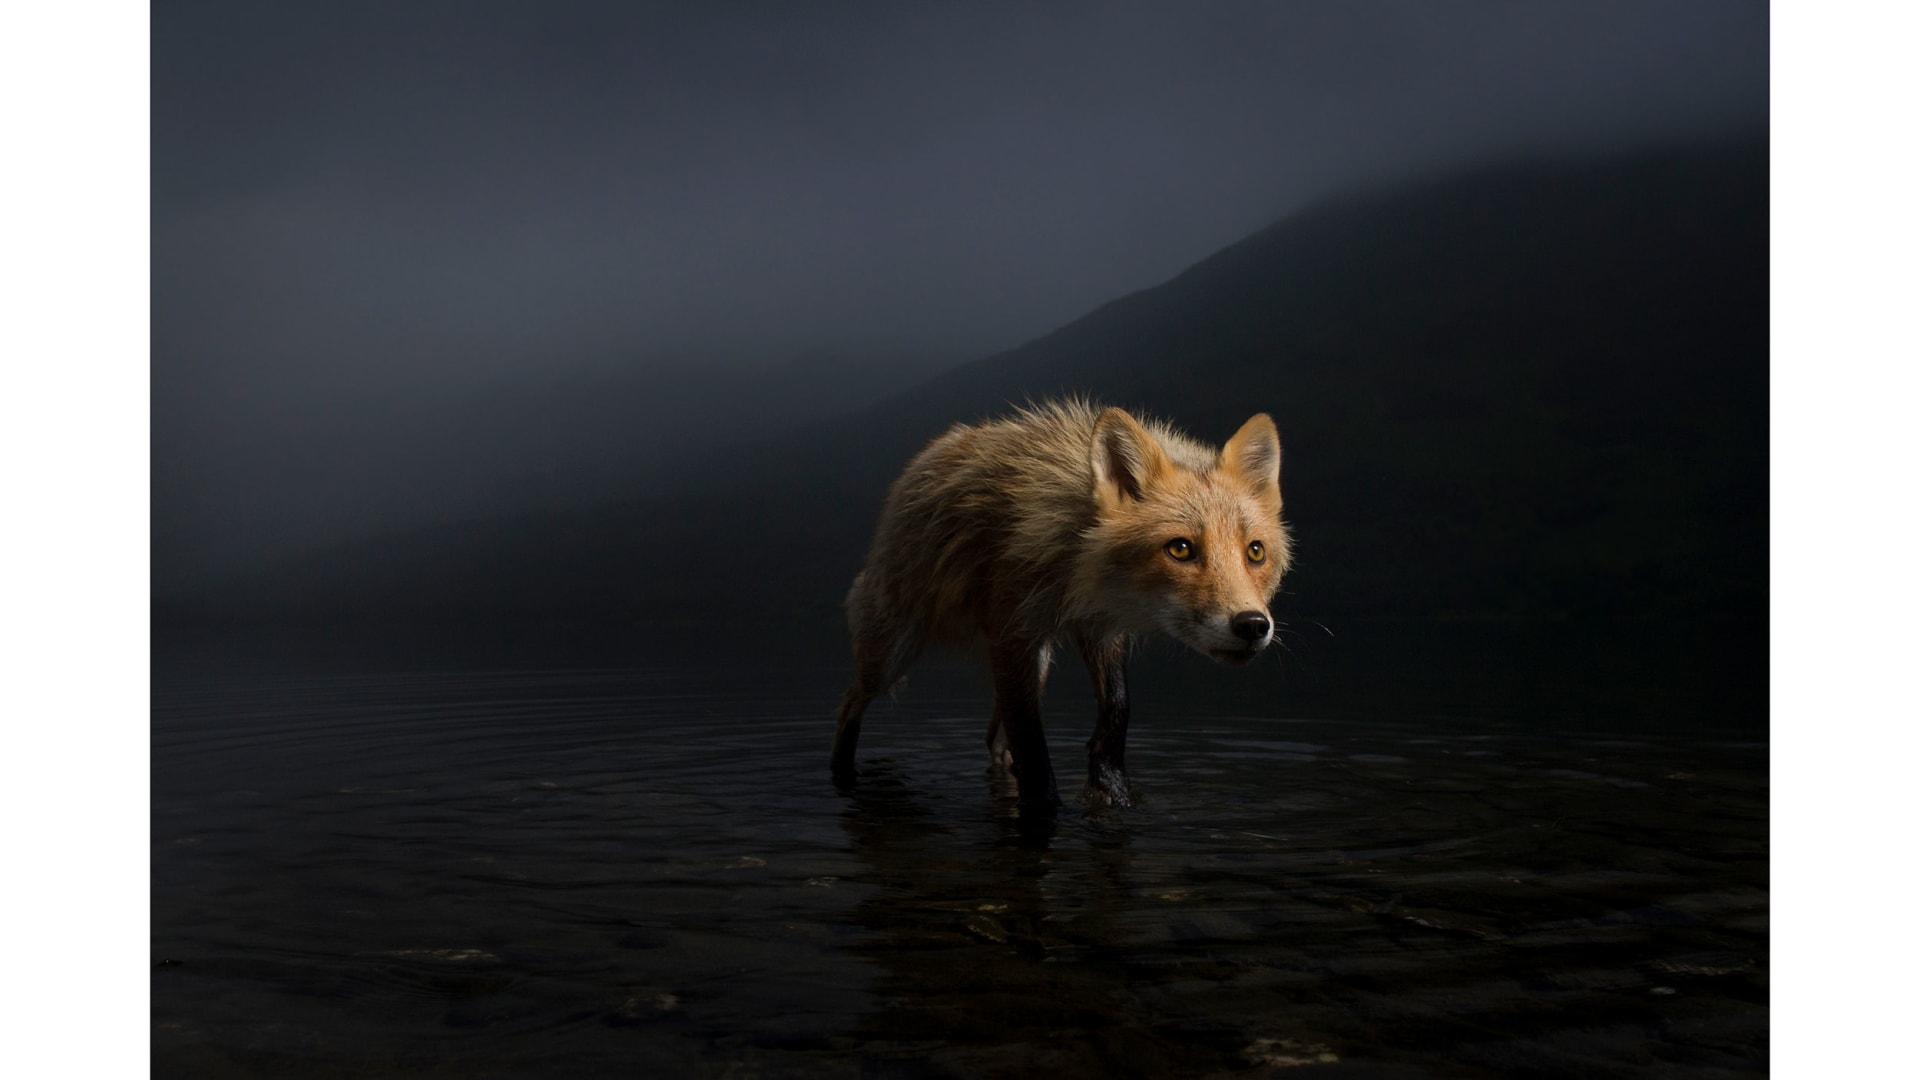 ألق نظرة على بعض الصور الساحرة التي شاركت في مسابقة مصور الحياة البرية لعام 2021